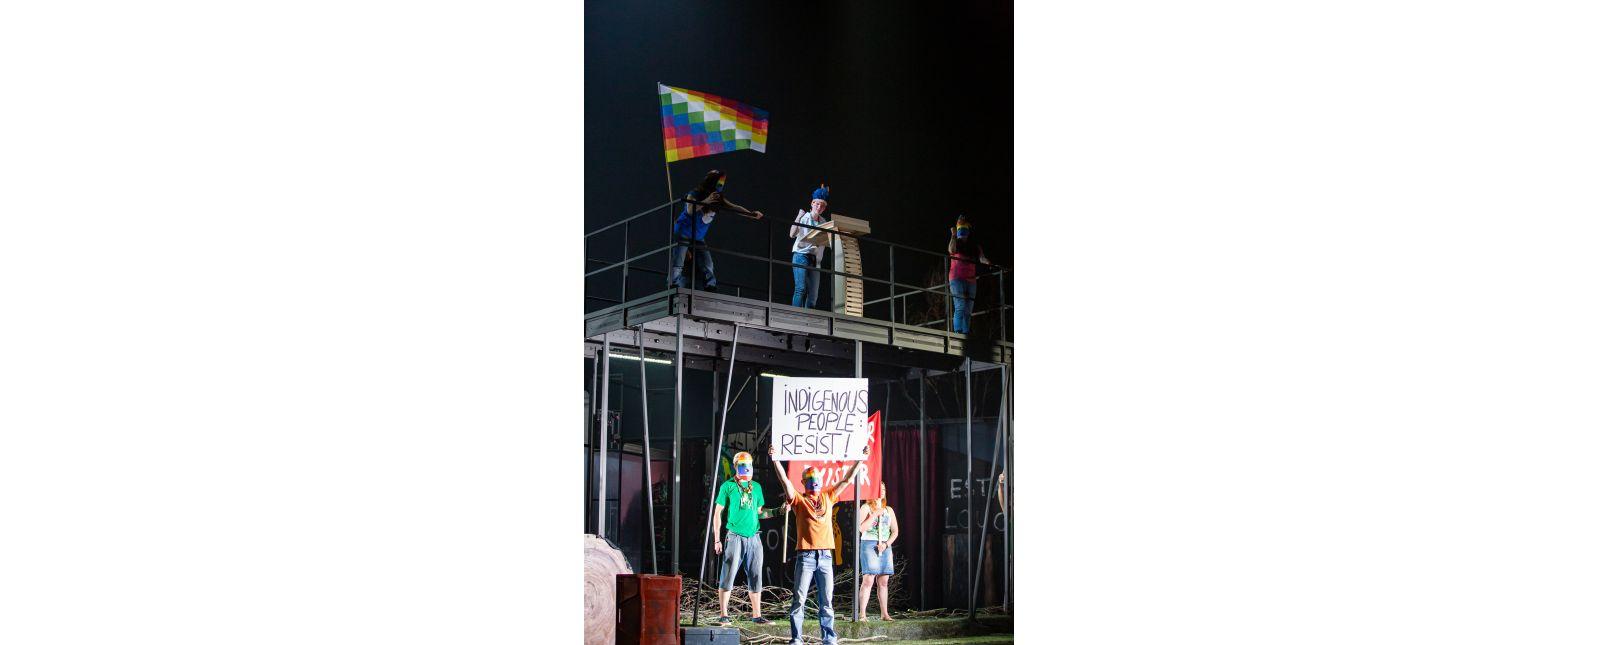 DIDO UND AENEAS // Yulianna Vaydner / Inga Schäfer / Anja Steinert / Statisterie des Theater Freiburg // Foto: Laura Nickel